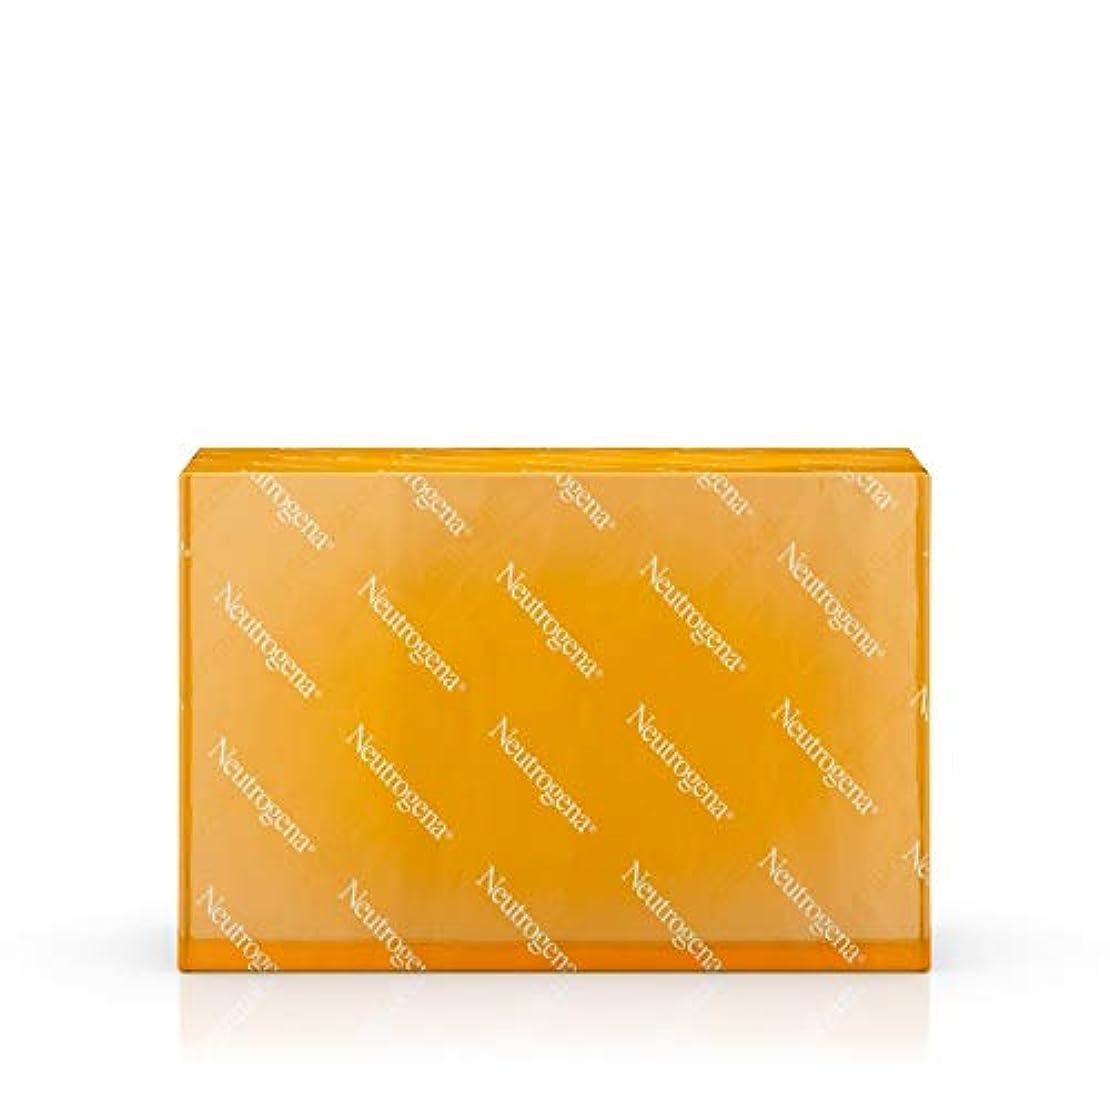 主権者浸すどうやって海外直送品 Neutrogena Neutrogena Transparent Facial Bar Soap Fragrance Free, Fragrance Free 3.5 oz